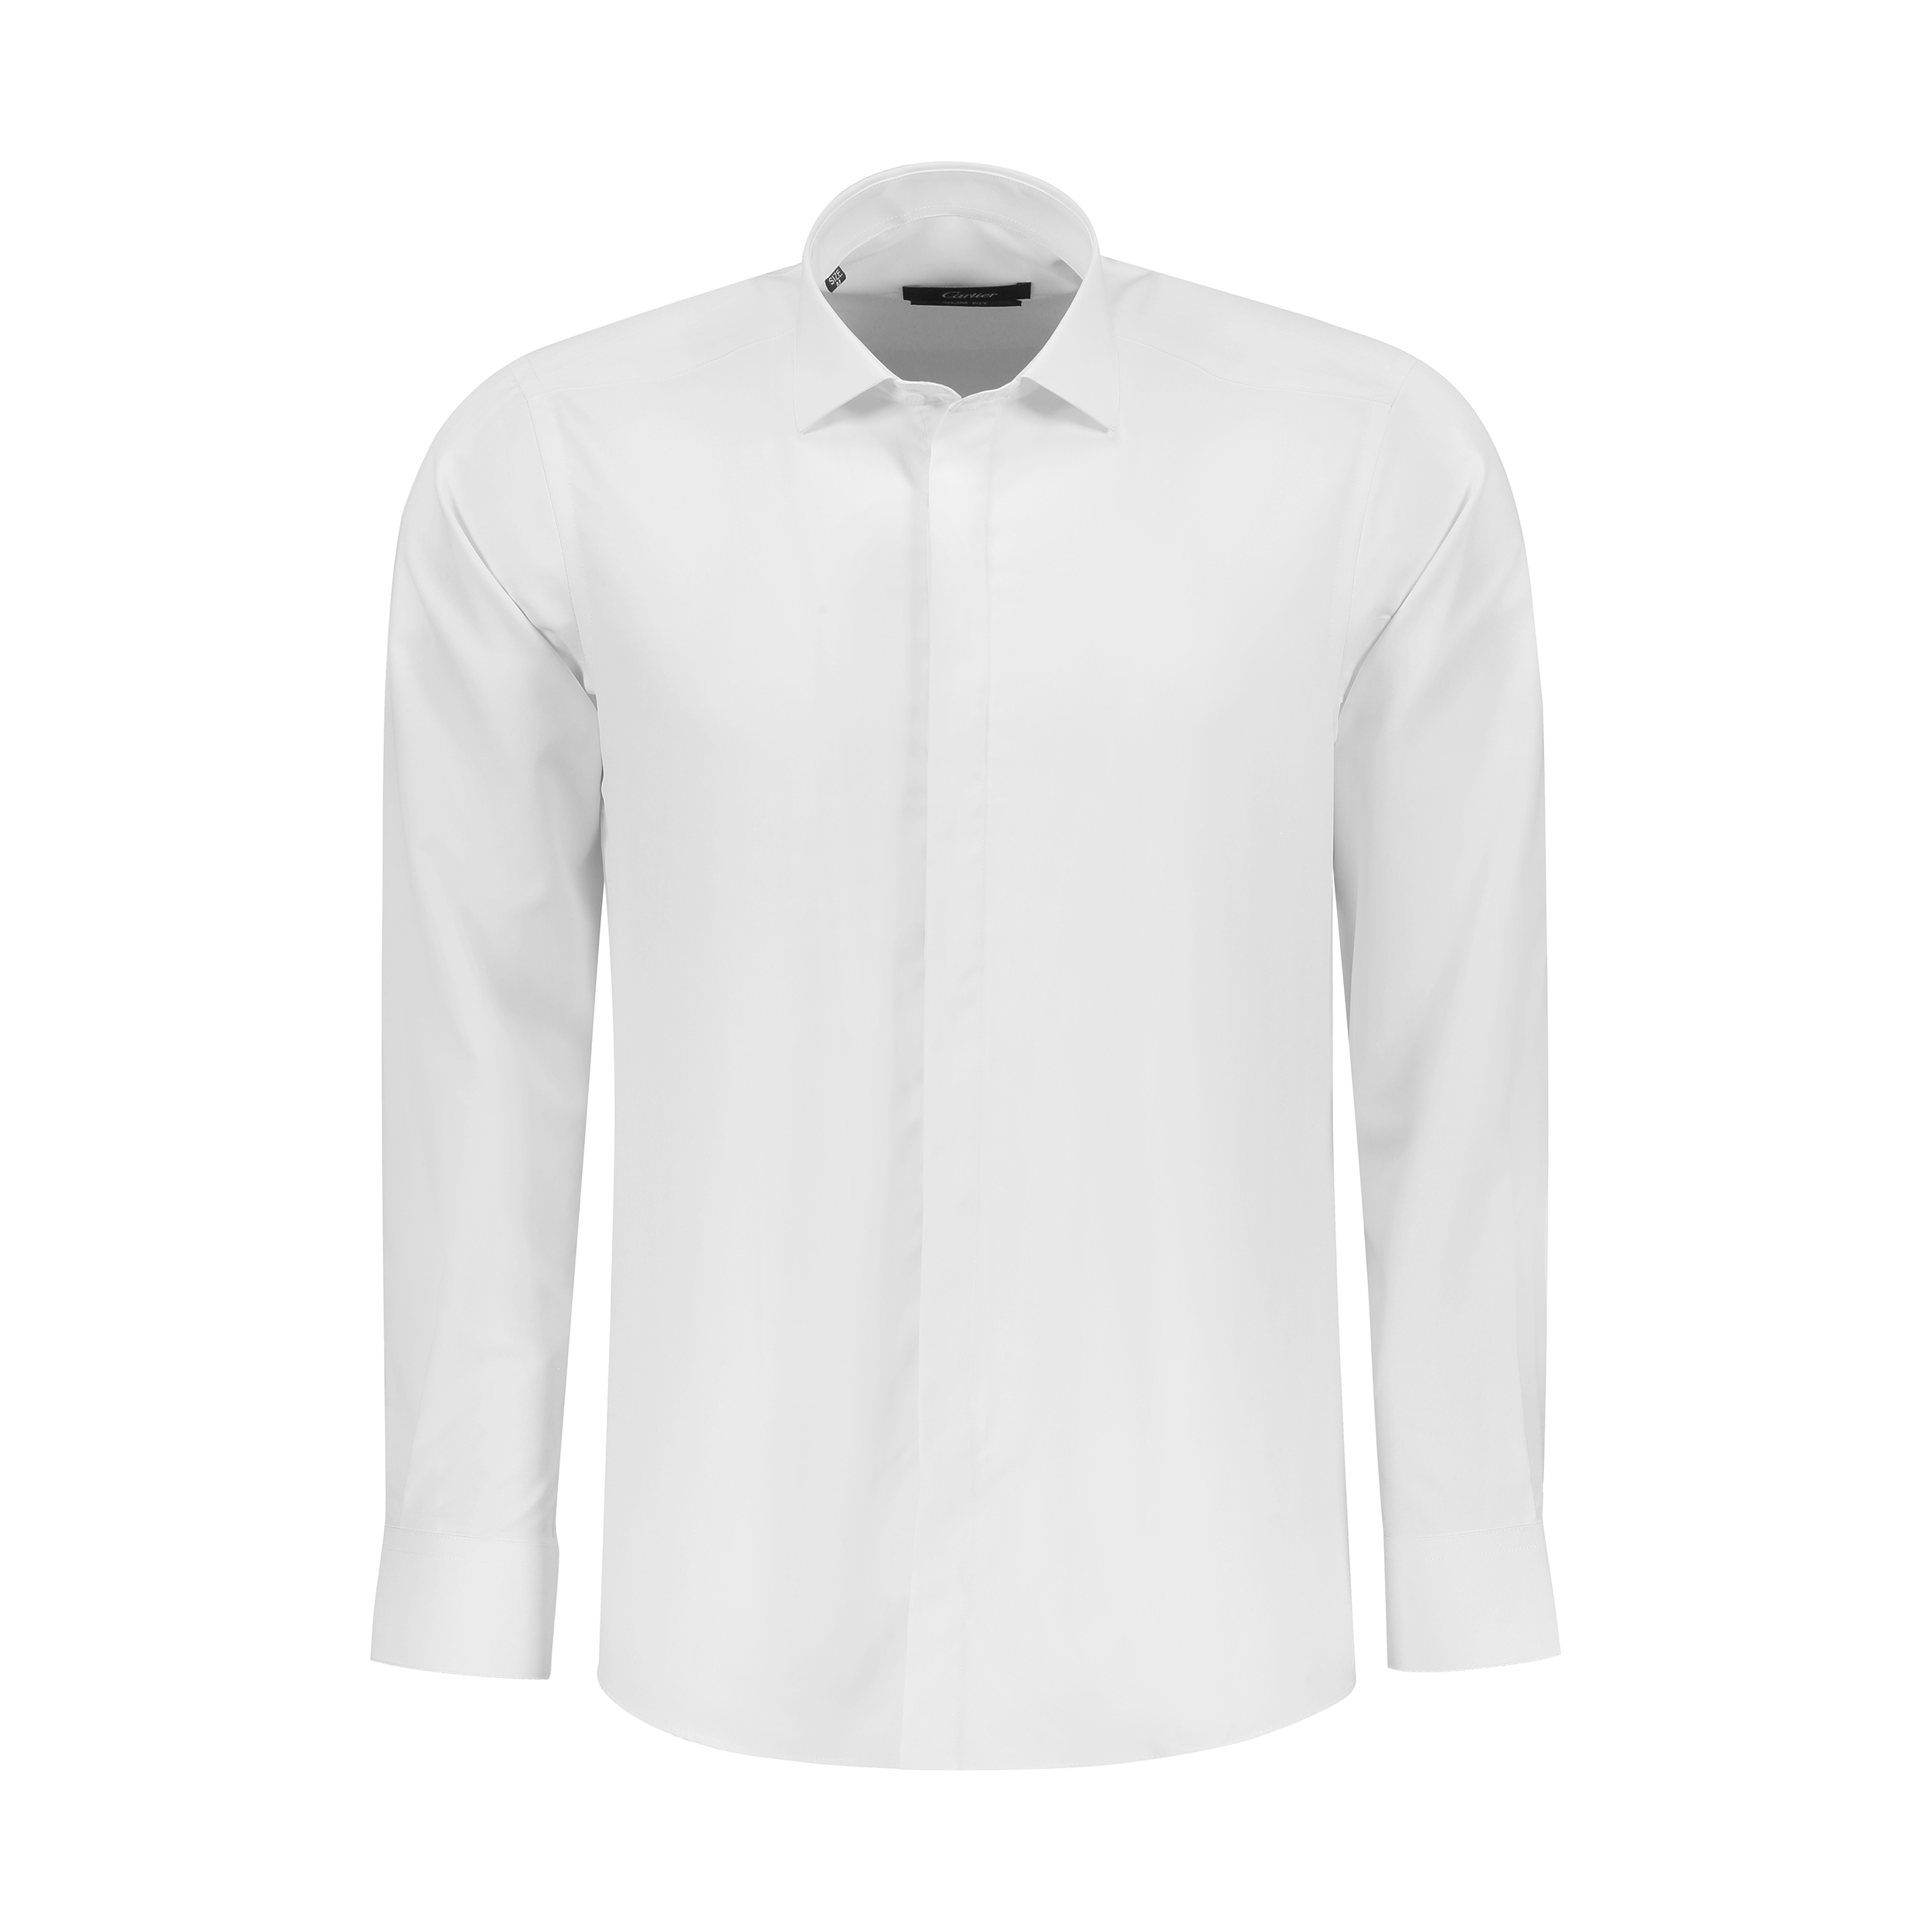 پیراهن آستین بلند مردانه مدل S-1